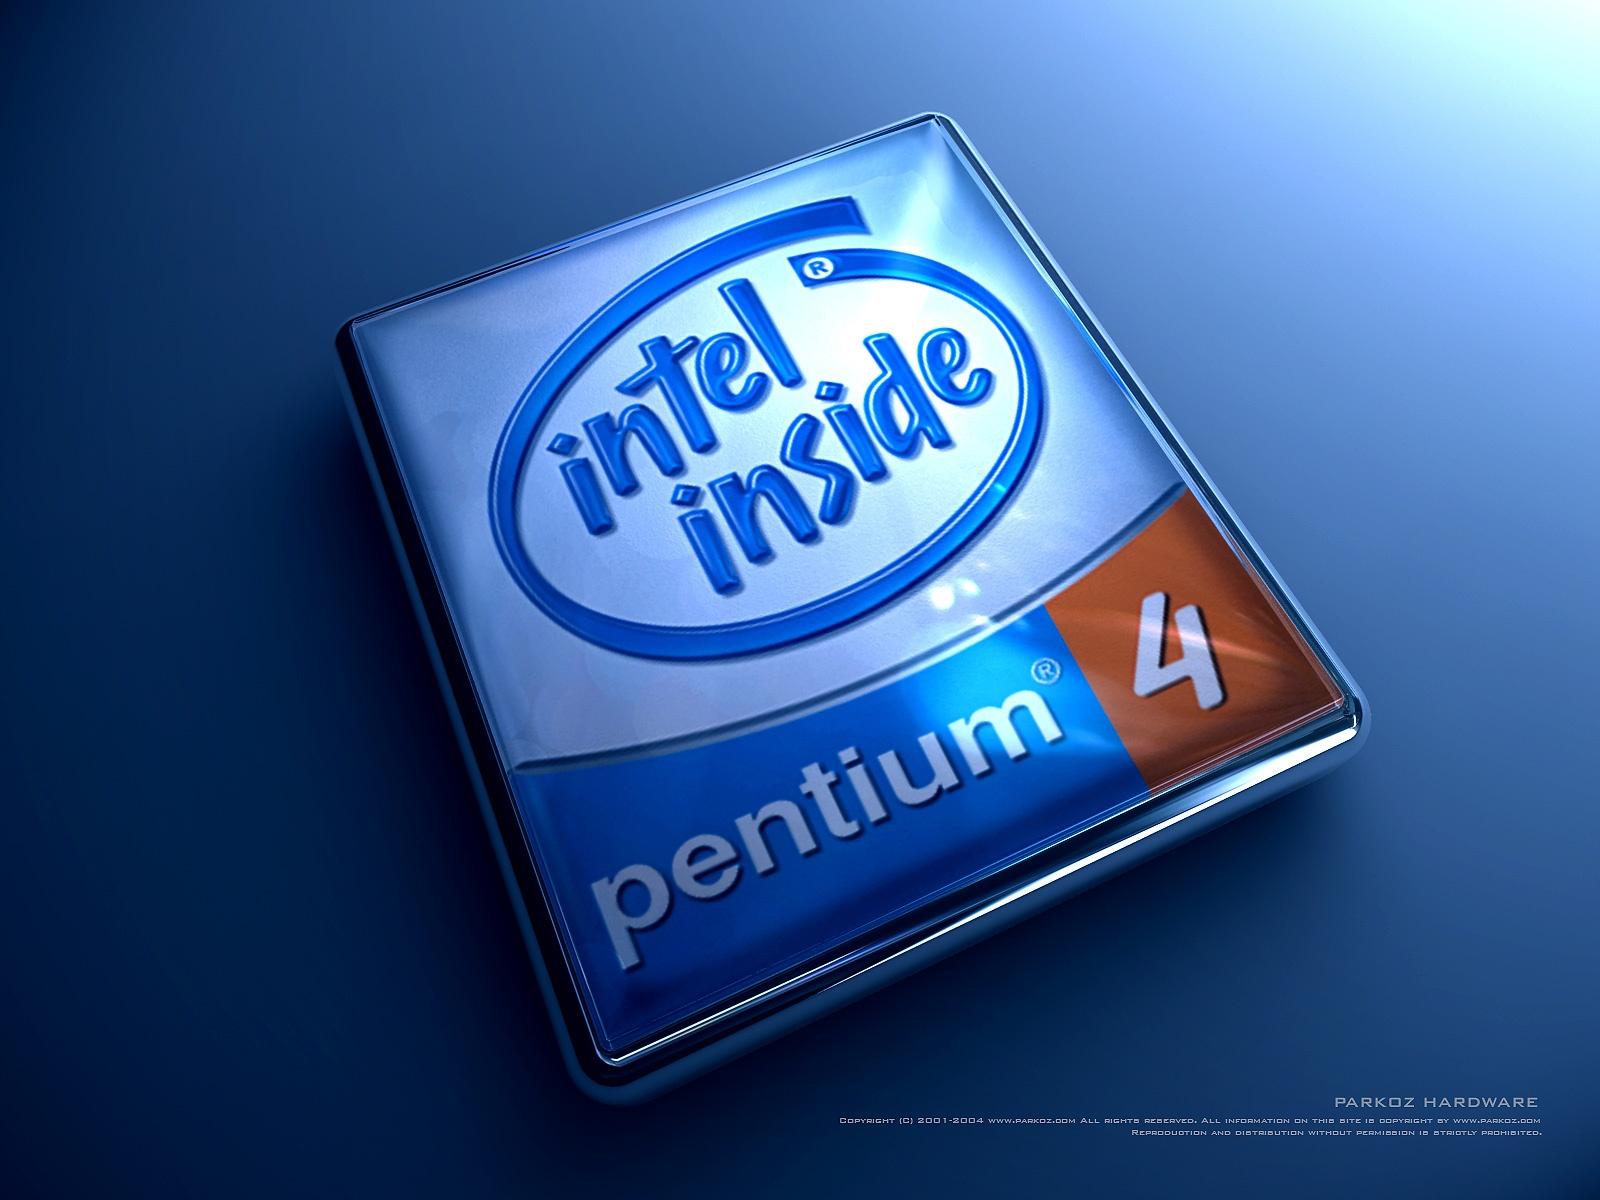 Pentium 4 wallpapers Pentium 4 stock photos 1600x1200